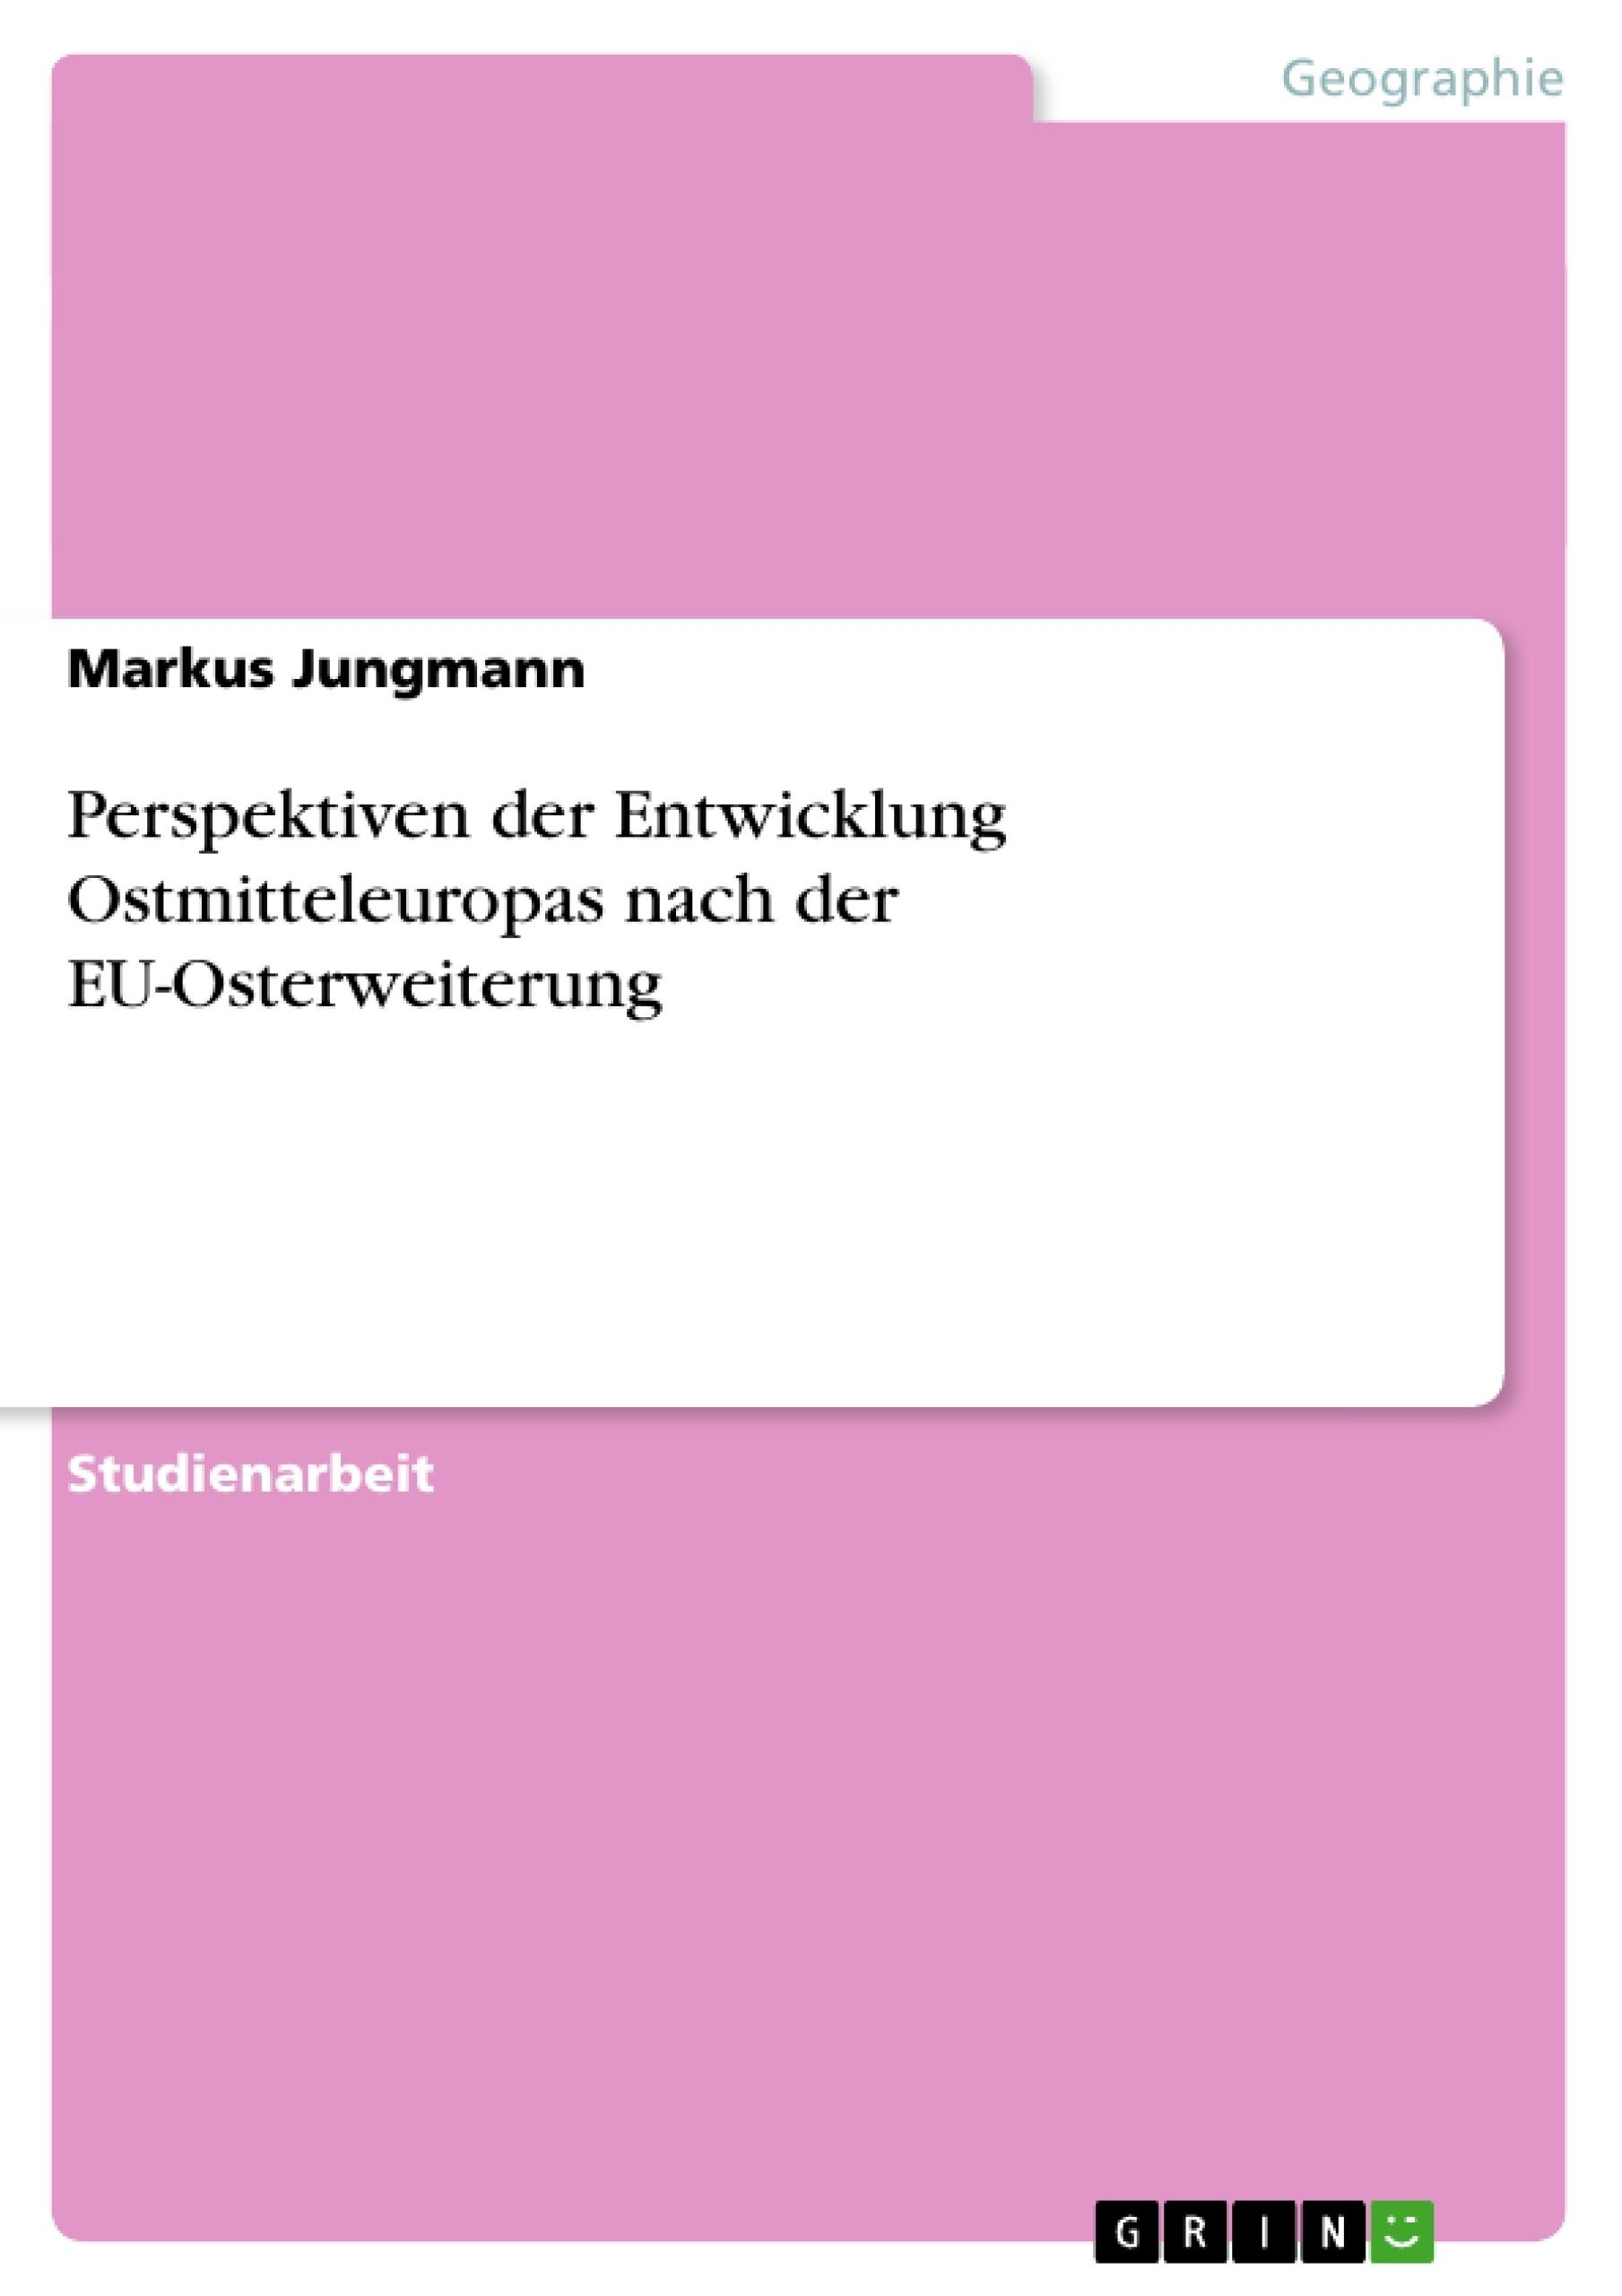 Titel: Perspektiven der Entwicklung Ostmitteleuropas nach der EU-Osterweiterung